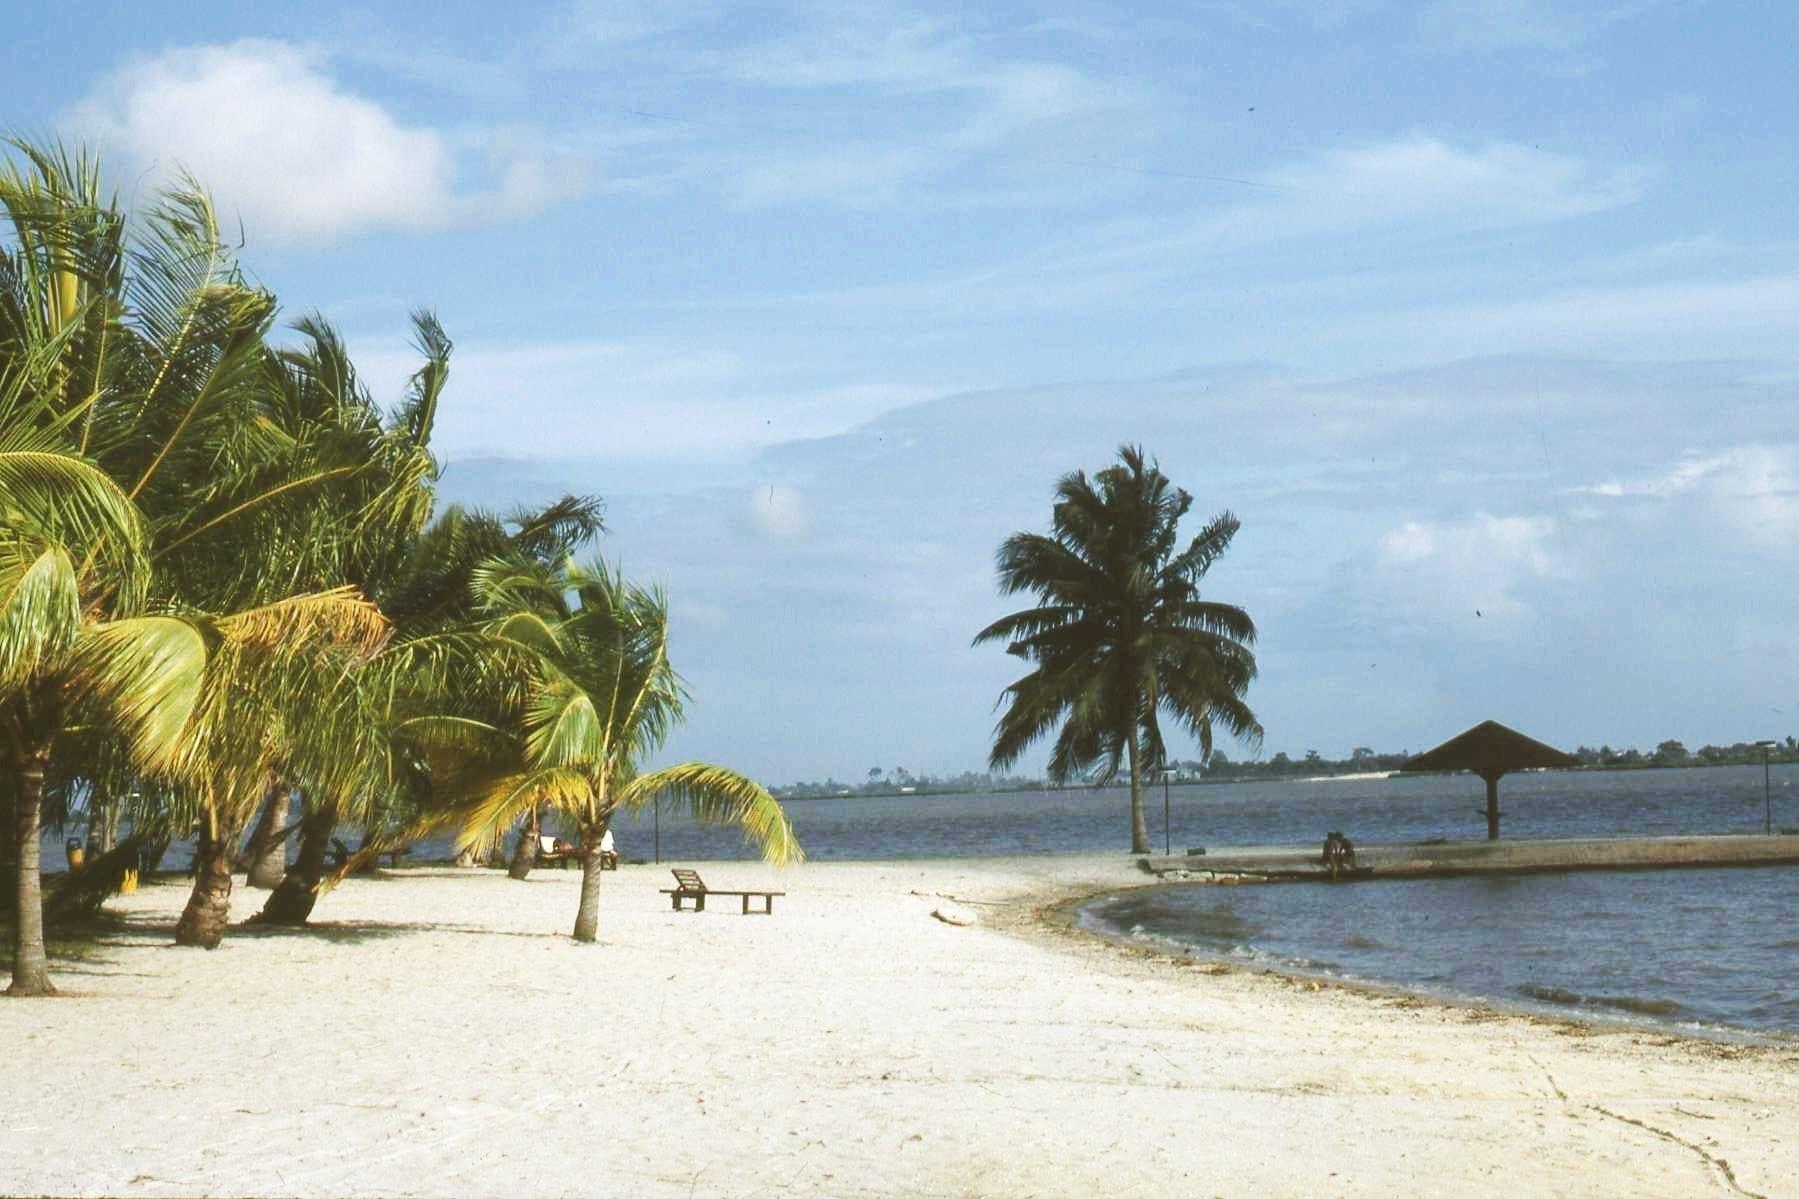 Playa en el distrito de Cocody. Costa de Marfil